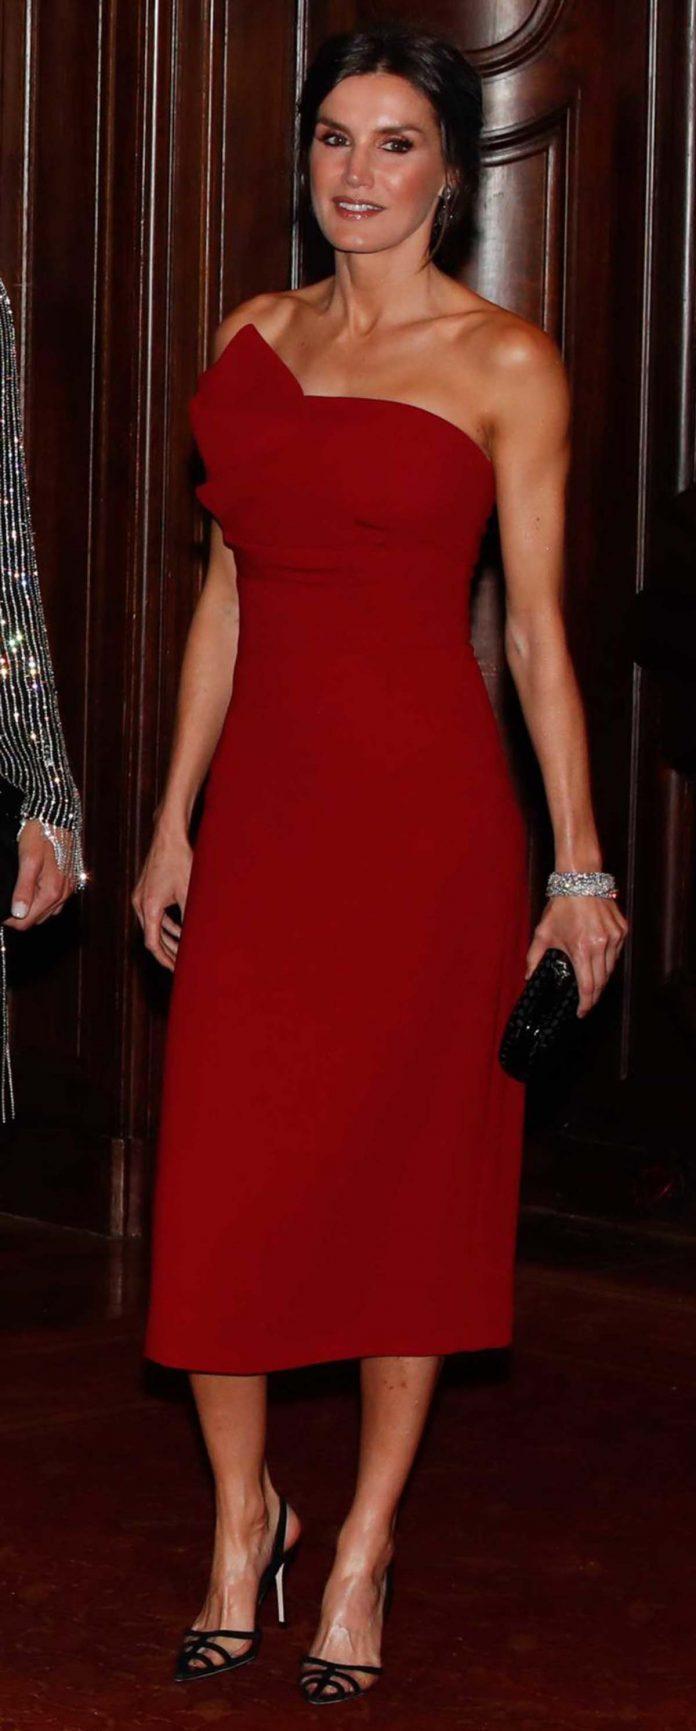 Los looks de la Reina Letizia que más han impactado en el exterior 16